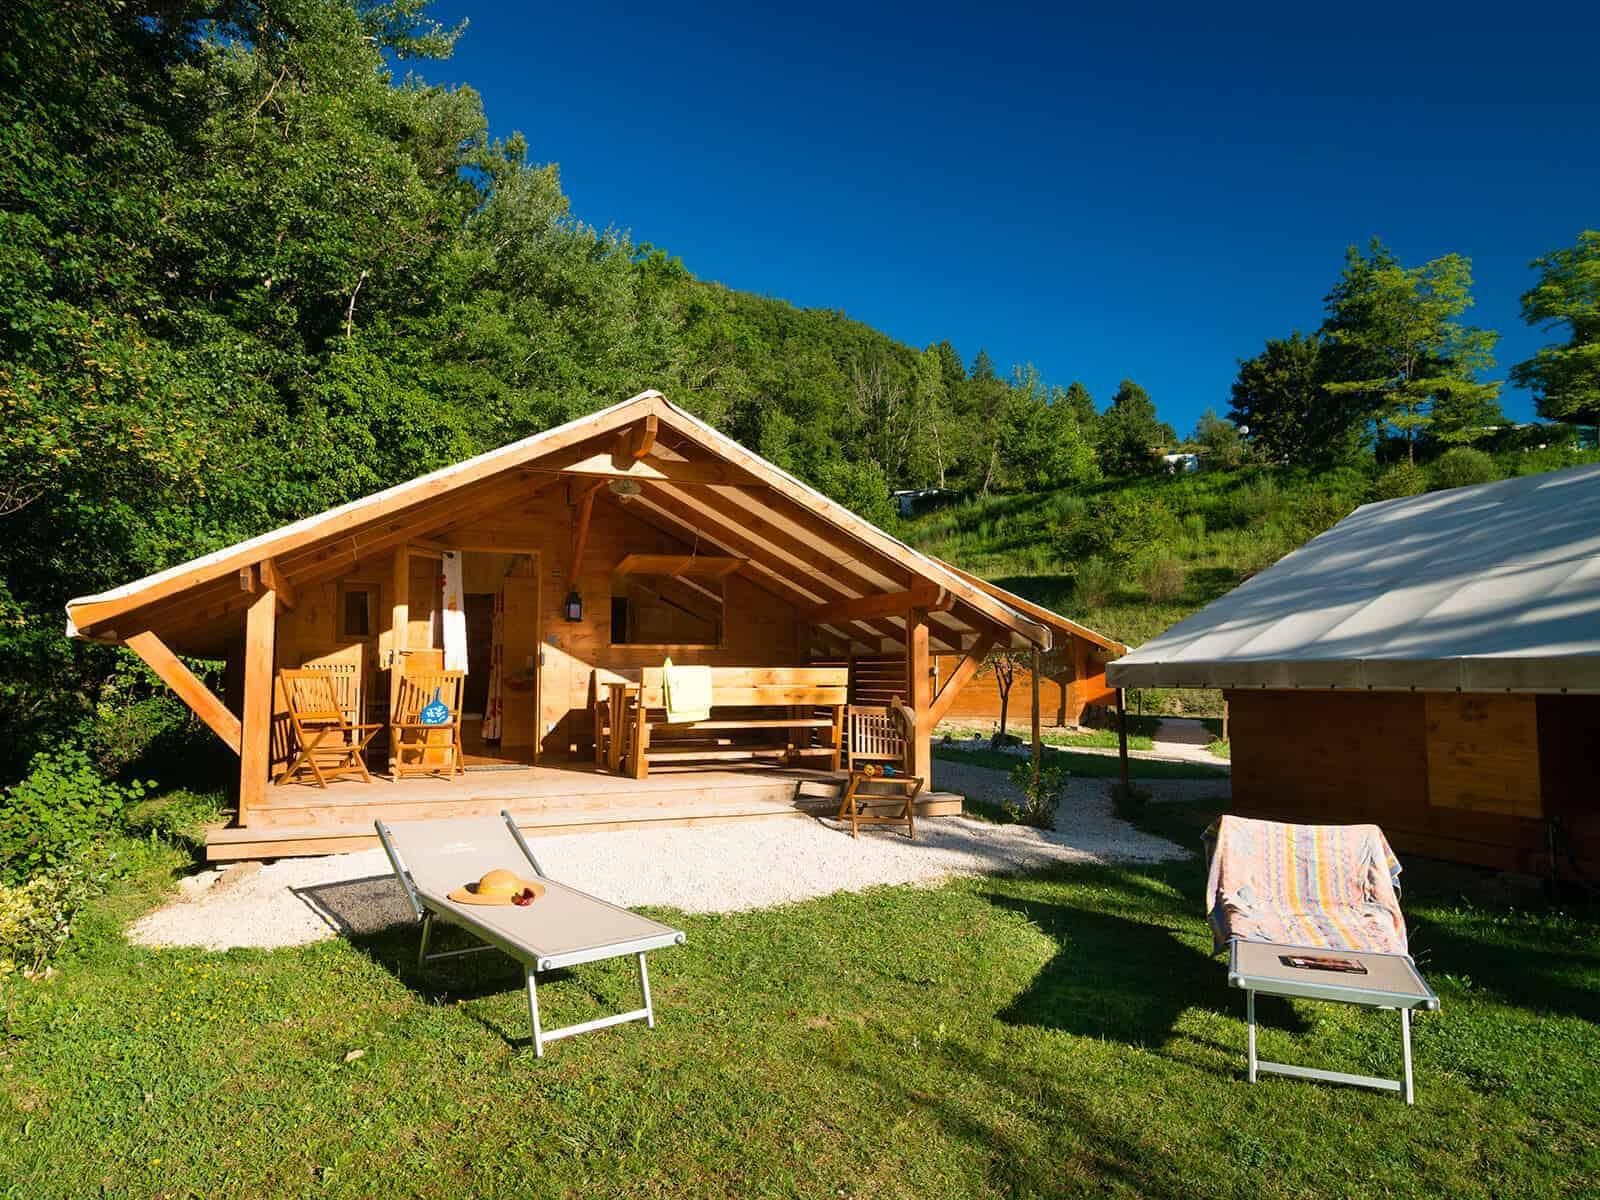 Le camping haut de gamme en france voyageavecnous - Sauna infrarouge haut de gamme ...